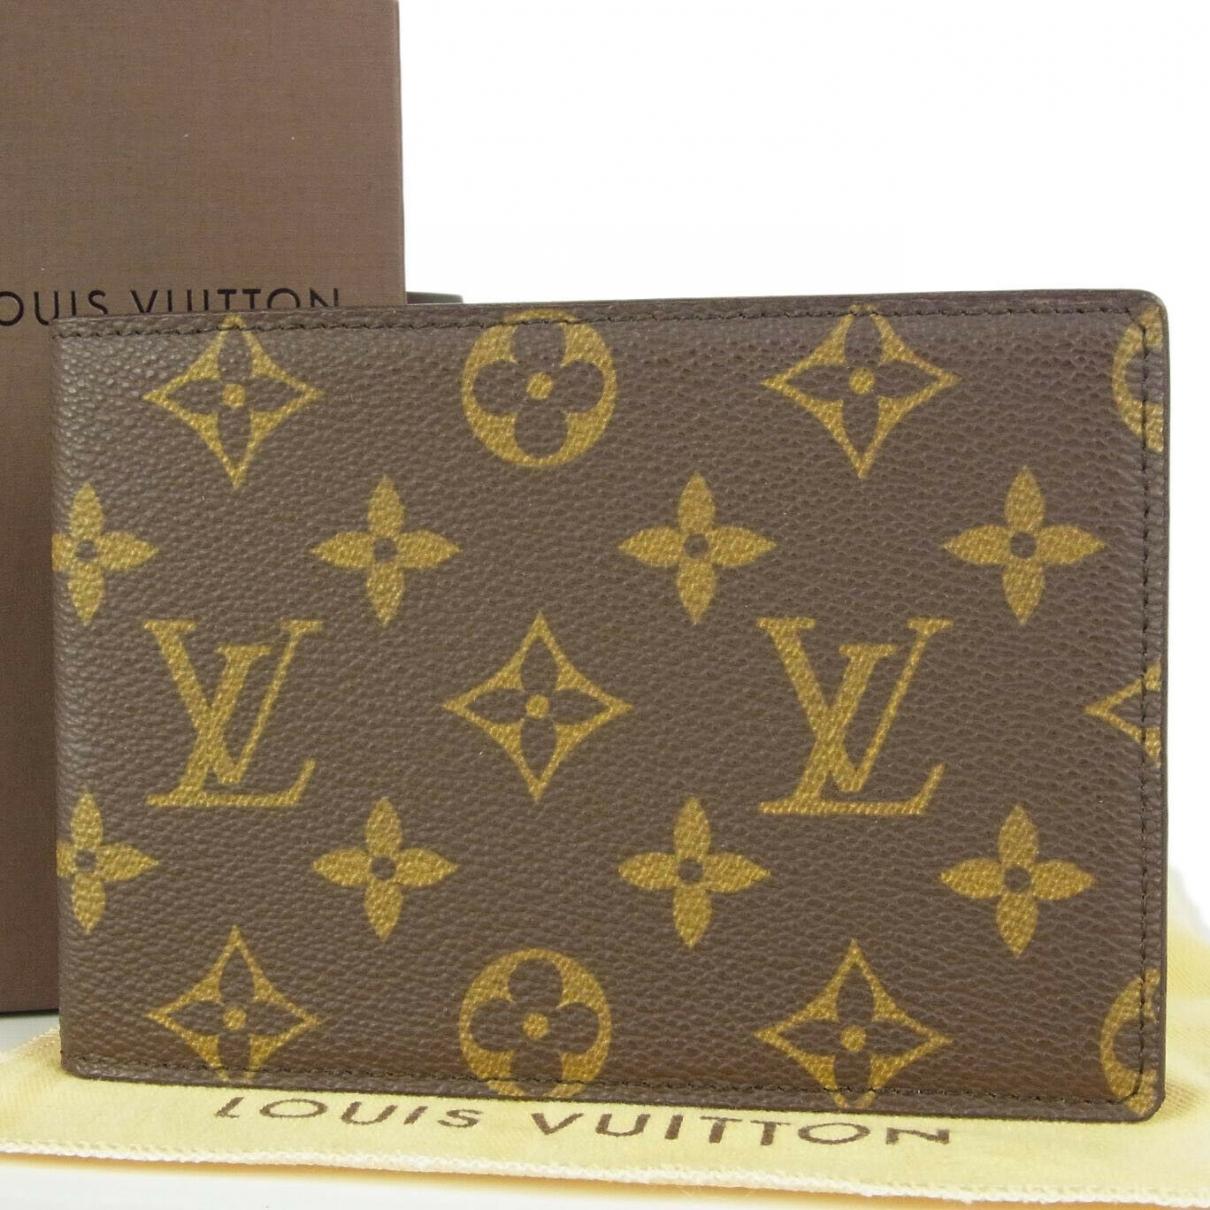 Tarjetero de Cuero Louis Vuitton